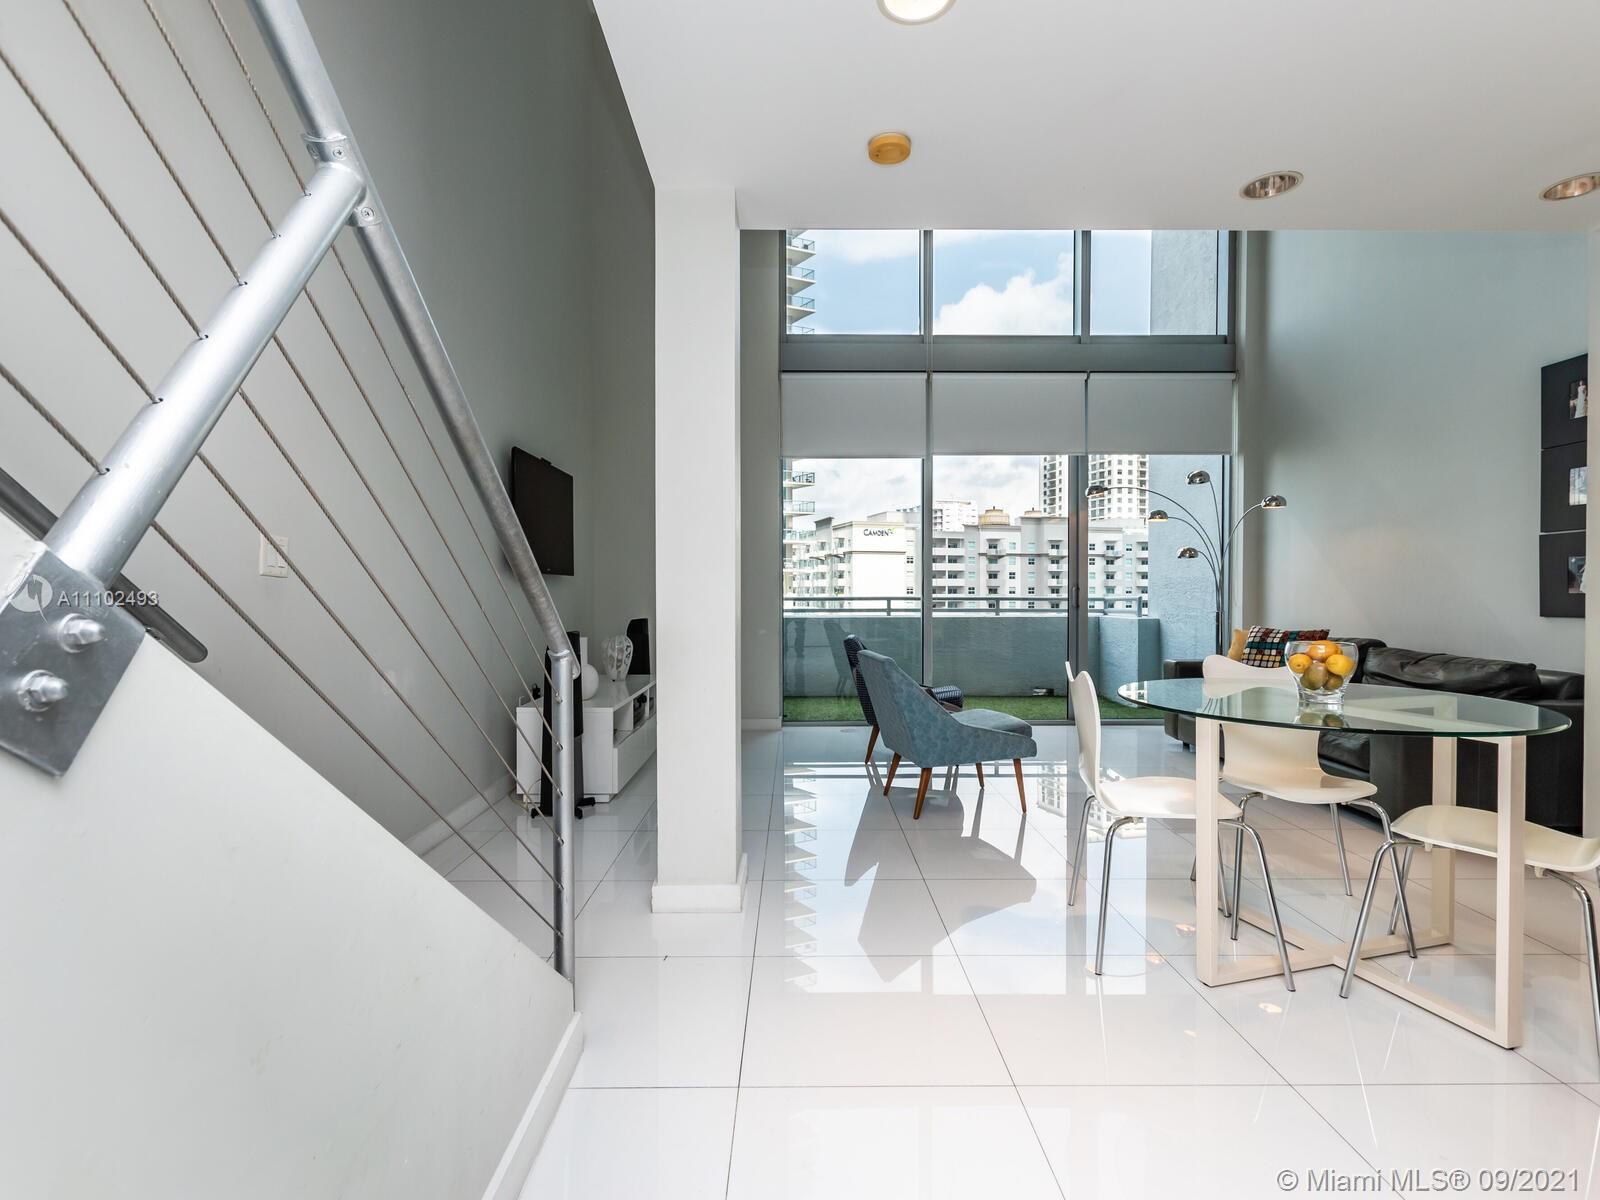 1060 BRICKELL CONDO Condo,For Rent,1060 BRICKELL CONDO Brickell,realty,broker,condos near me